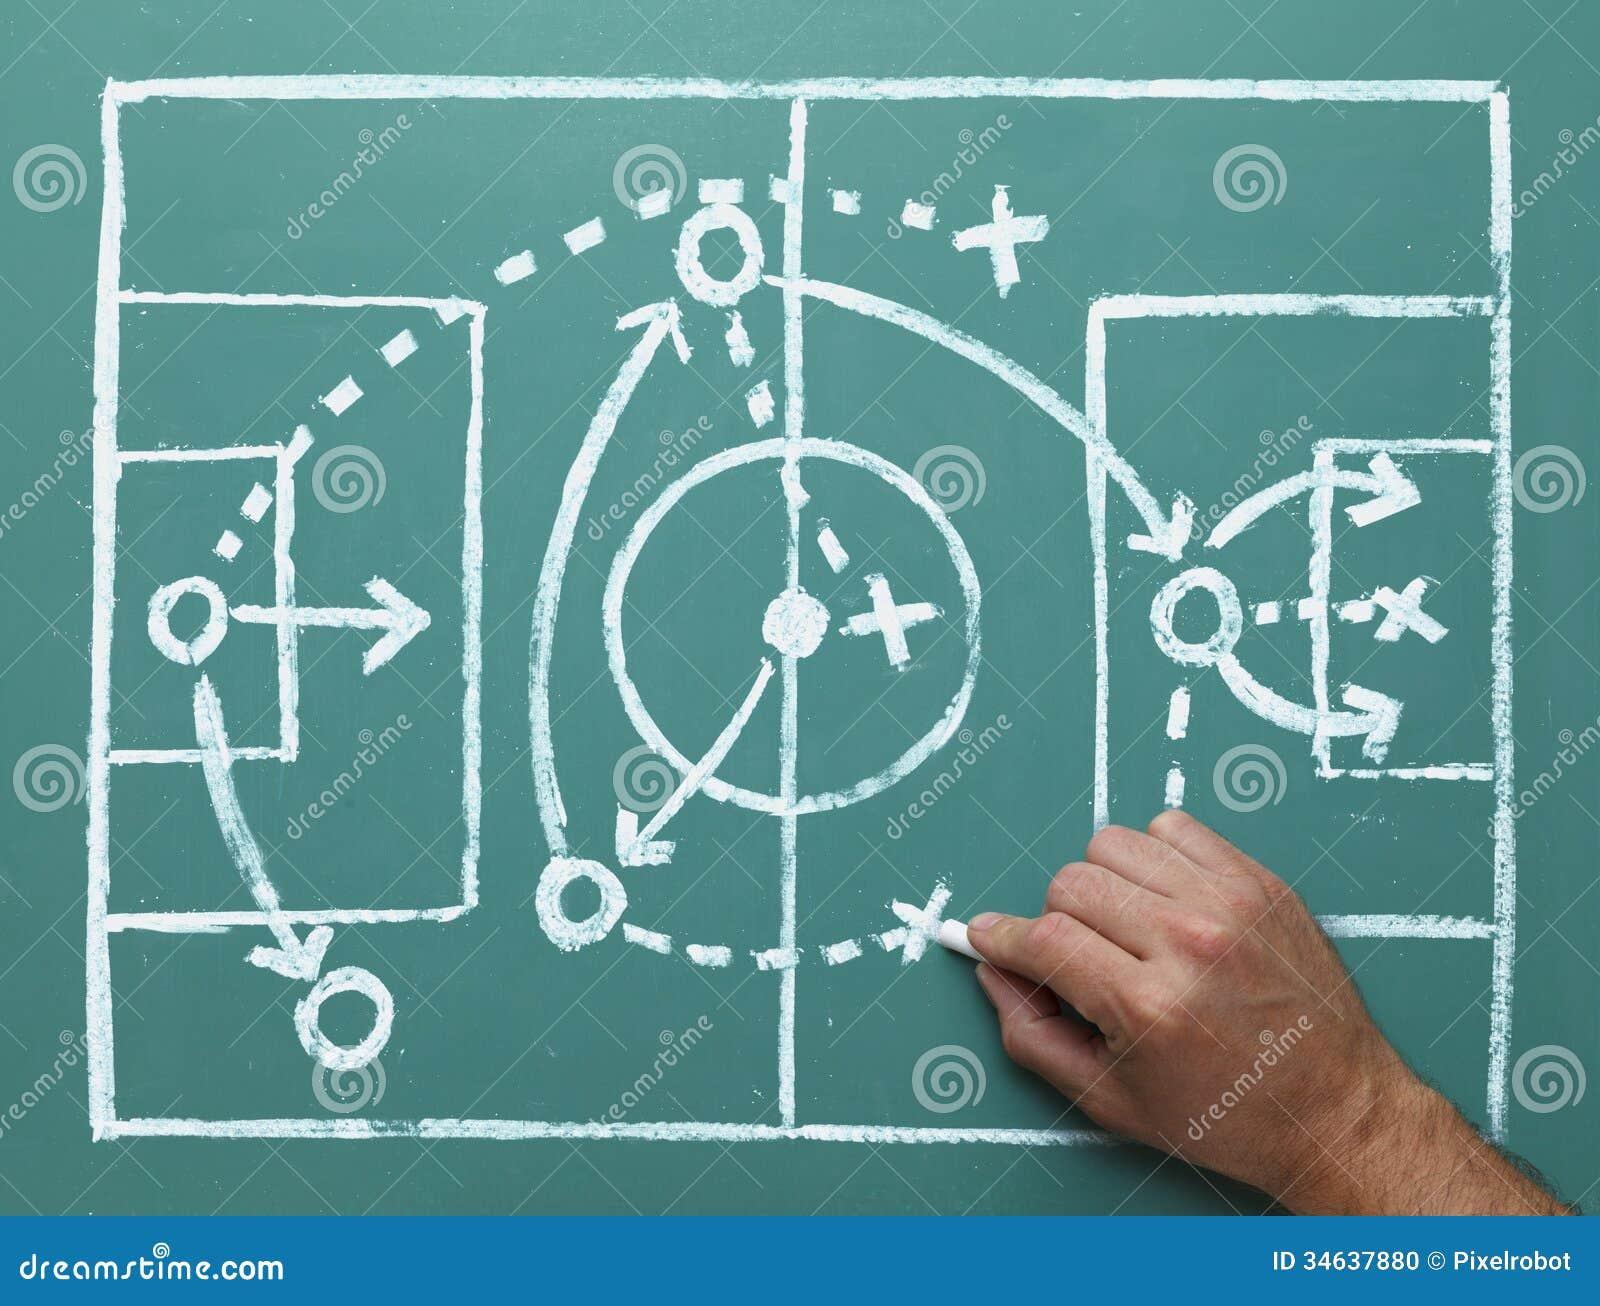 fussball strategie